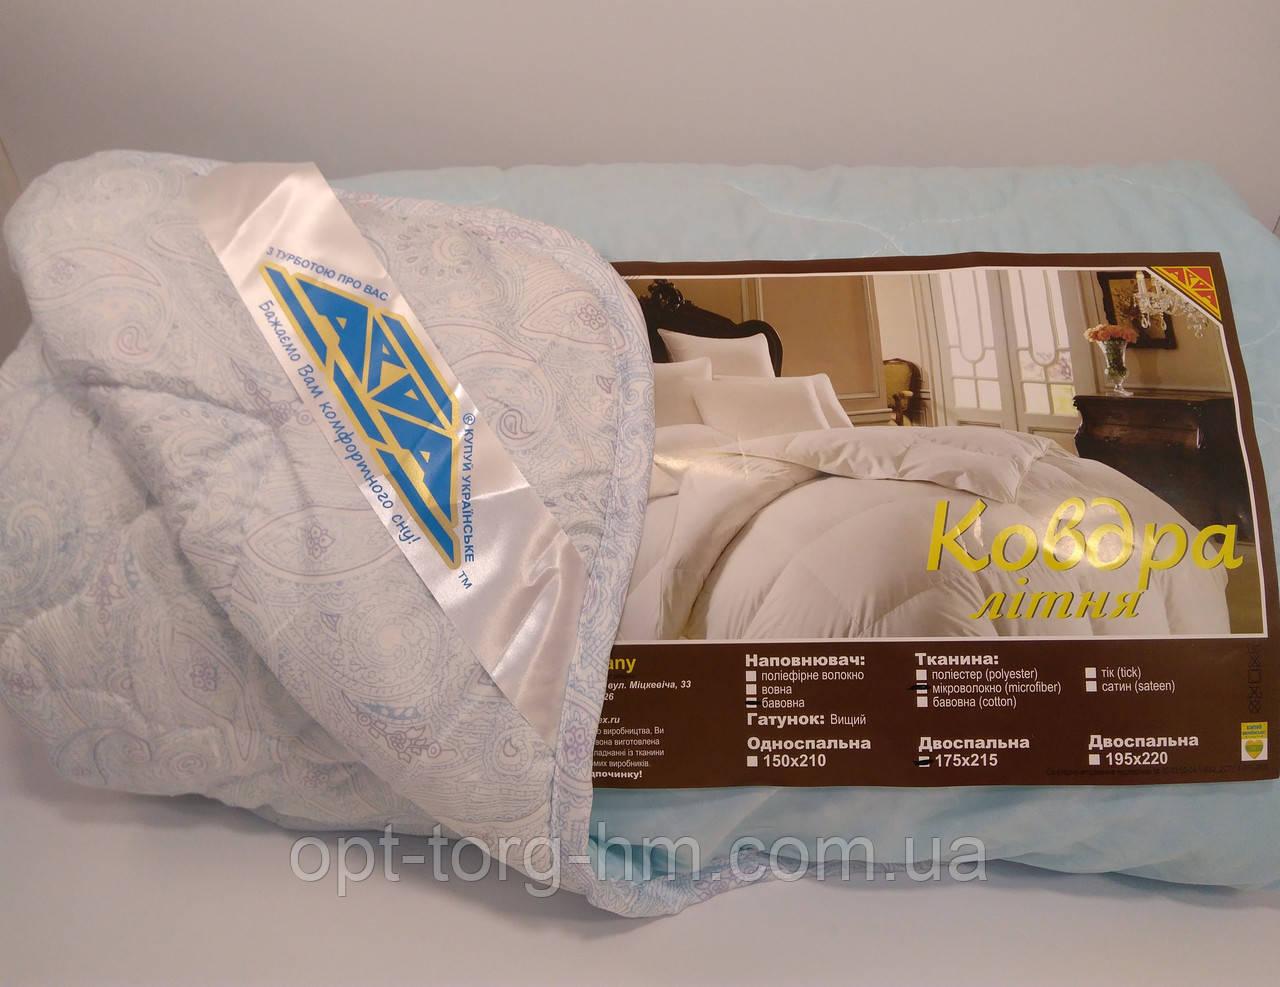 Летнее одеяло 175*215 ARDA Company (коттон, микрофибра)